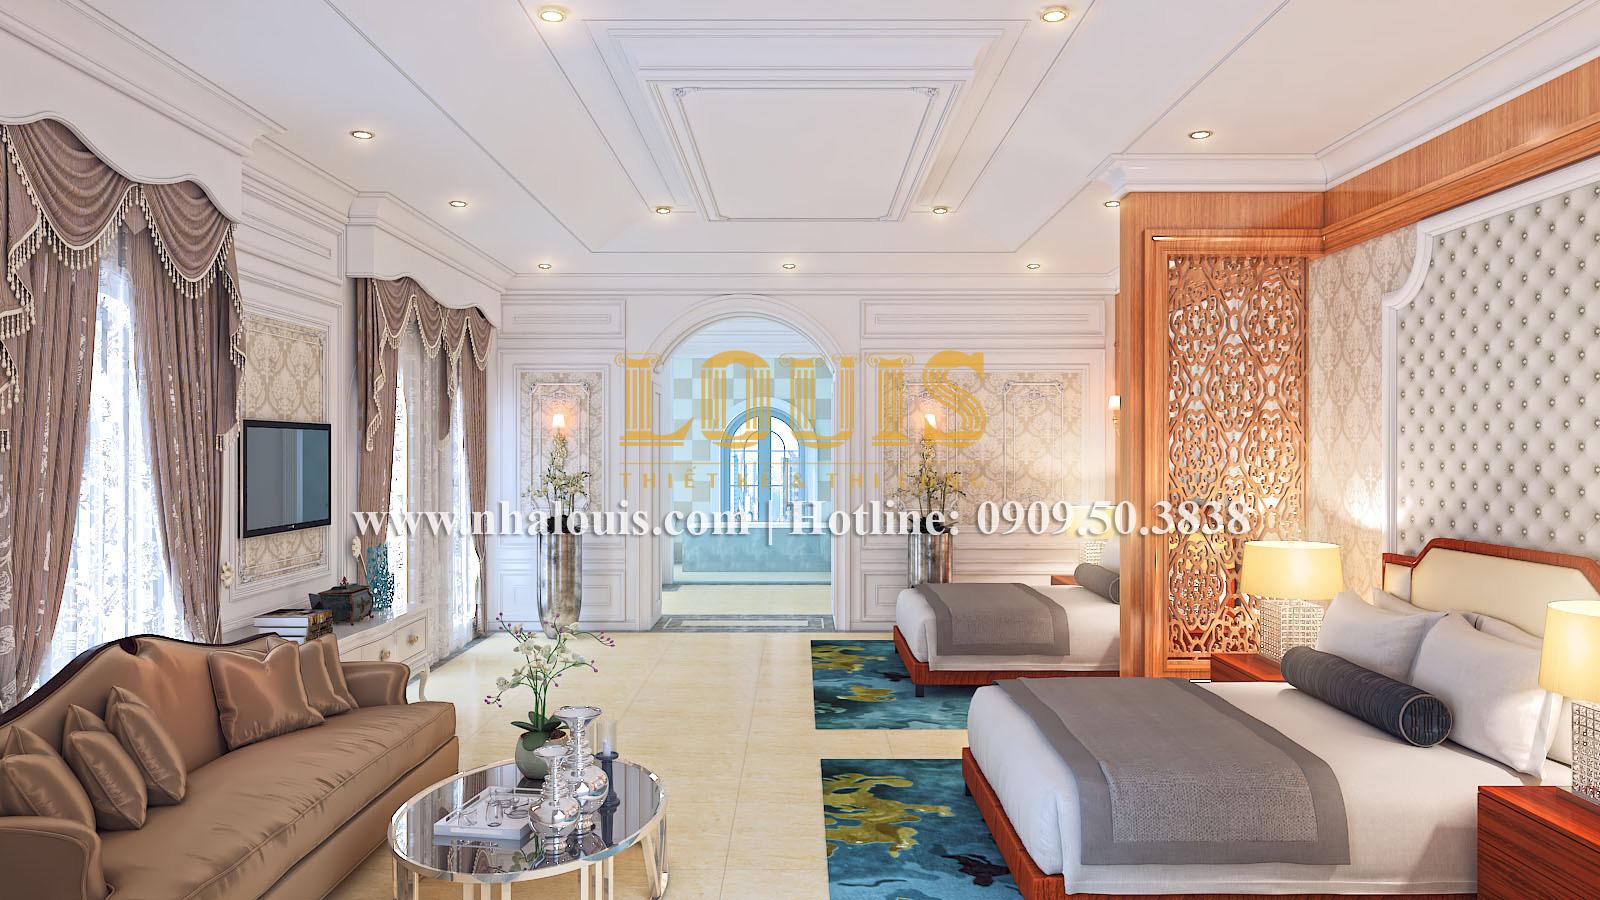 Phòng ngủ Mẫu biệt thự kiến trúc Pháp tại Đồng Nai đẹp hoa lệ - 26